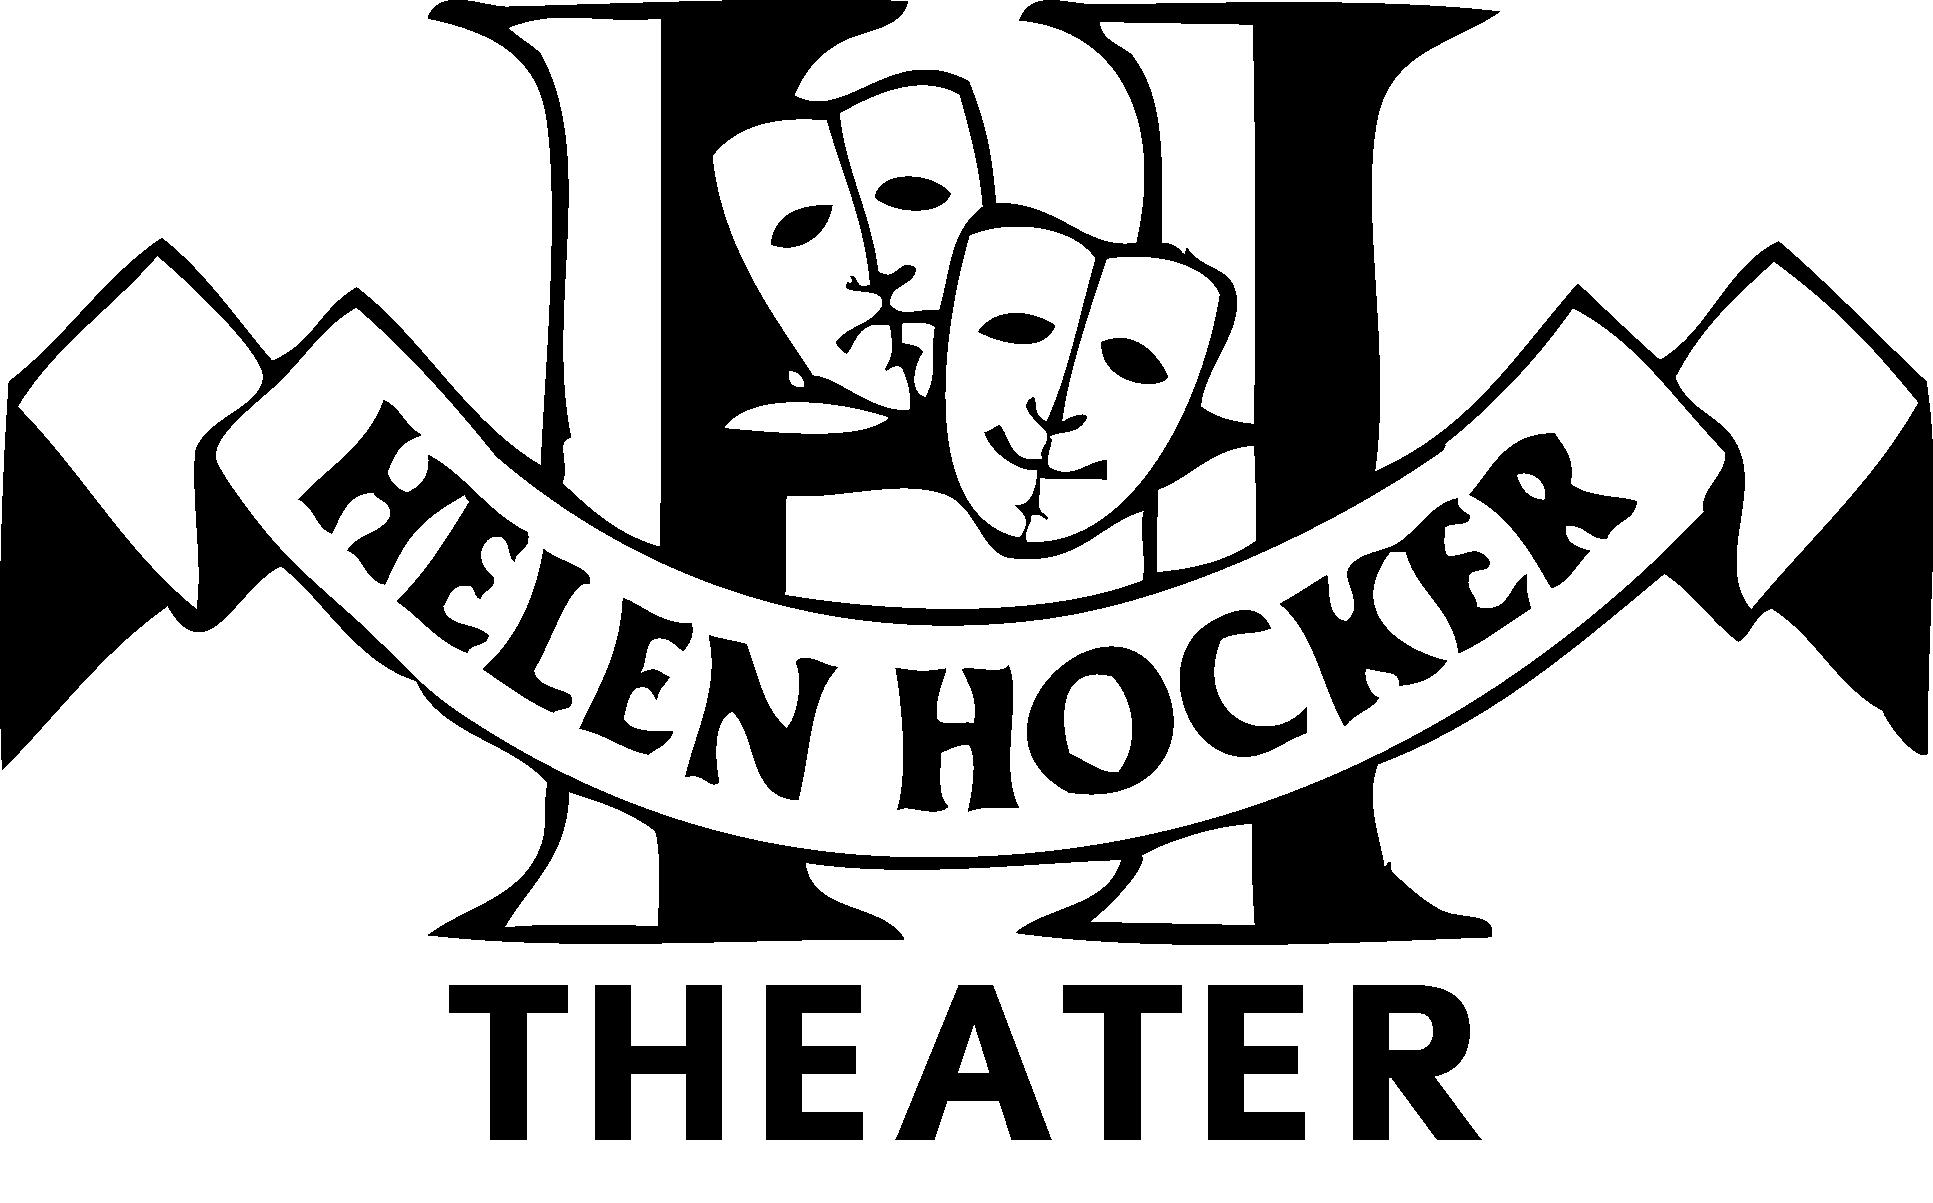 Helen hocker blk wht. Club clipart theater class